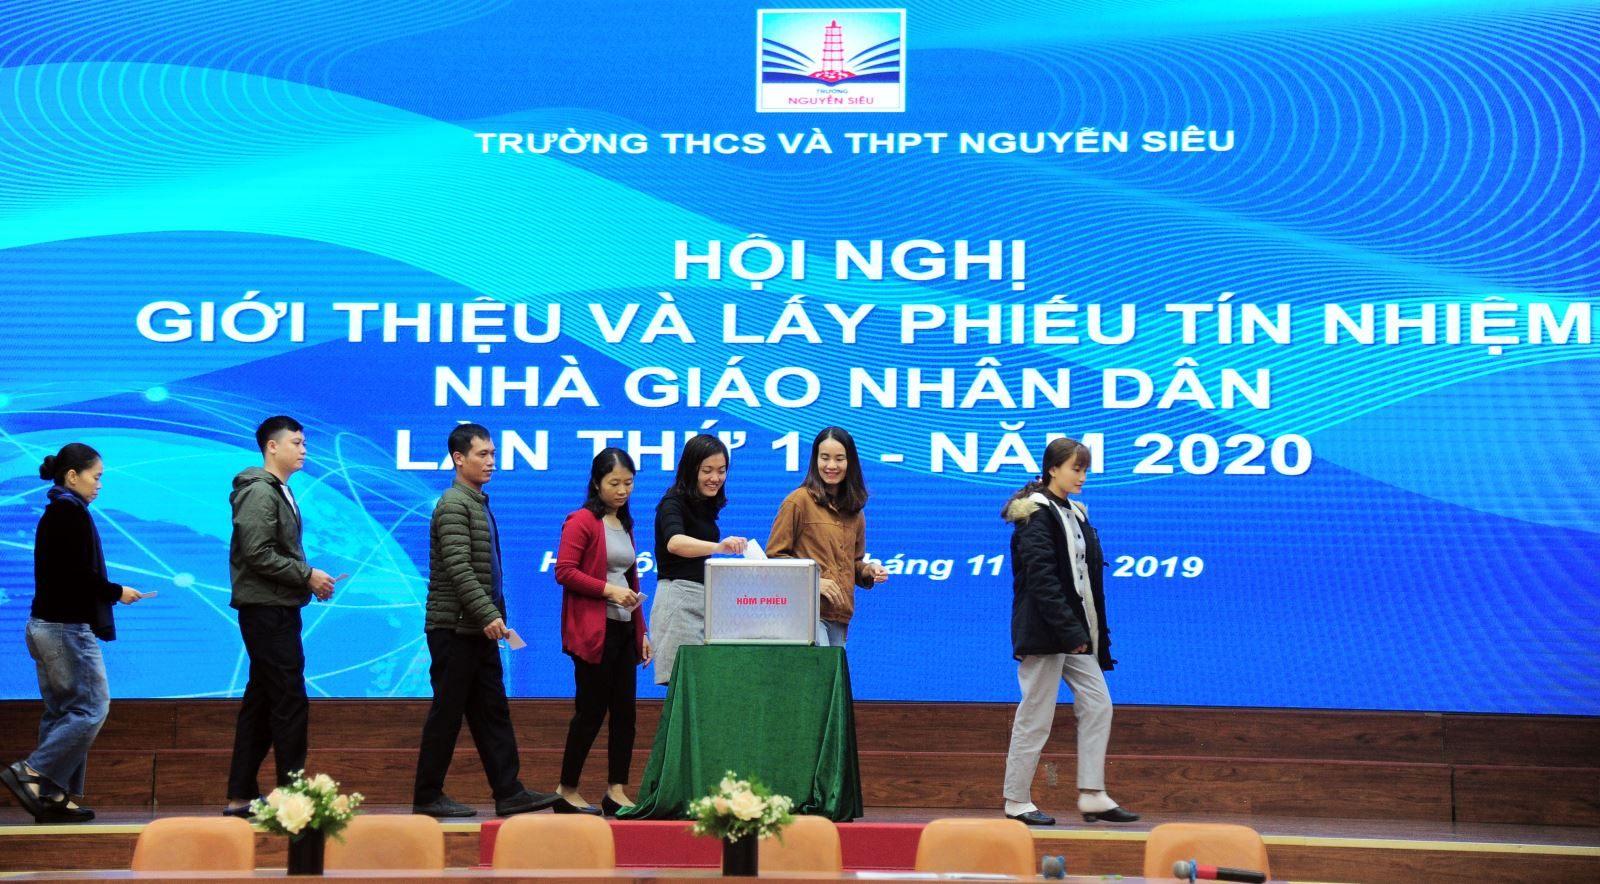 Chủ tịch HĐQT Nguyễn Trọng Vĩnh đạt 100% tín nhiệm Nhà giáo Nhân dân